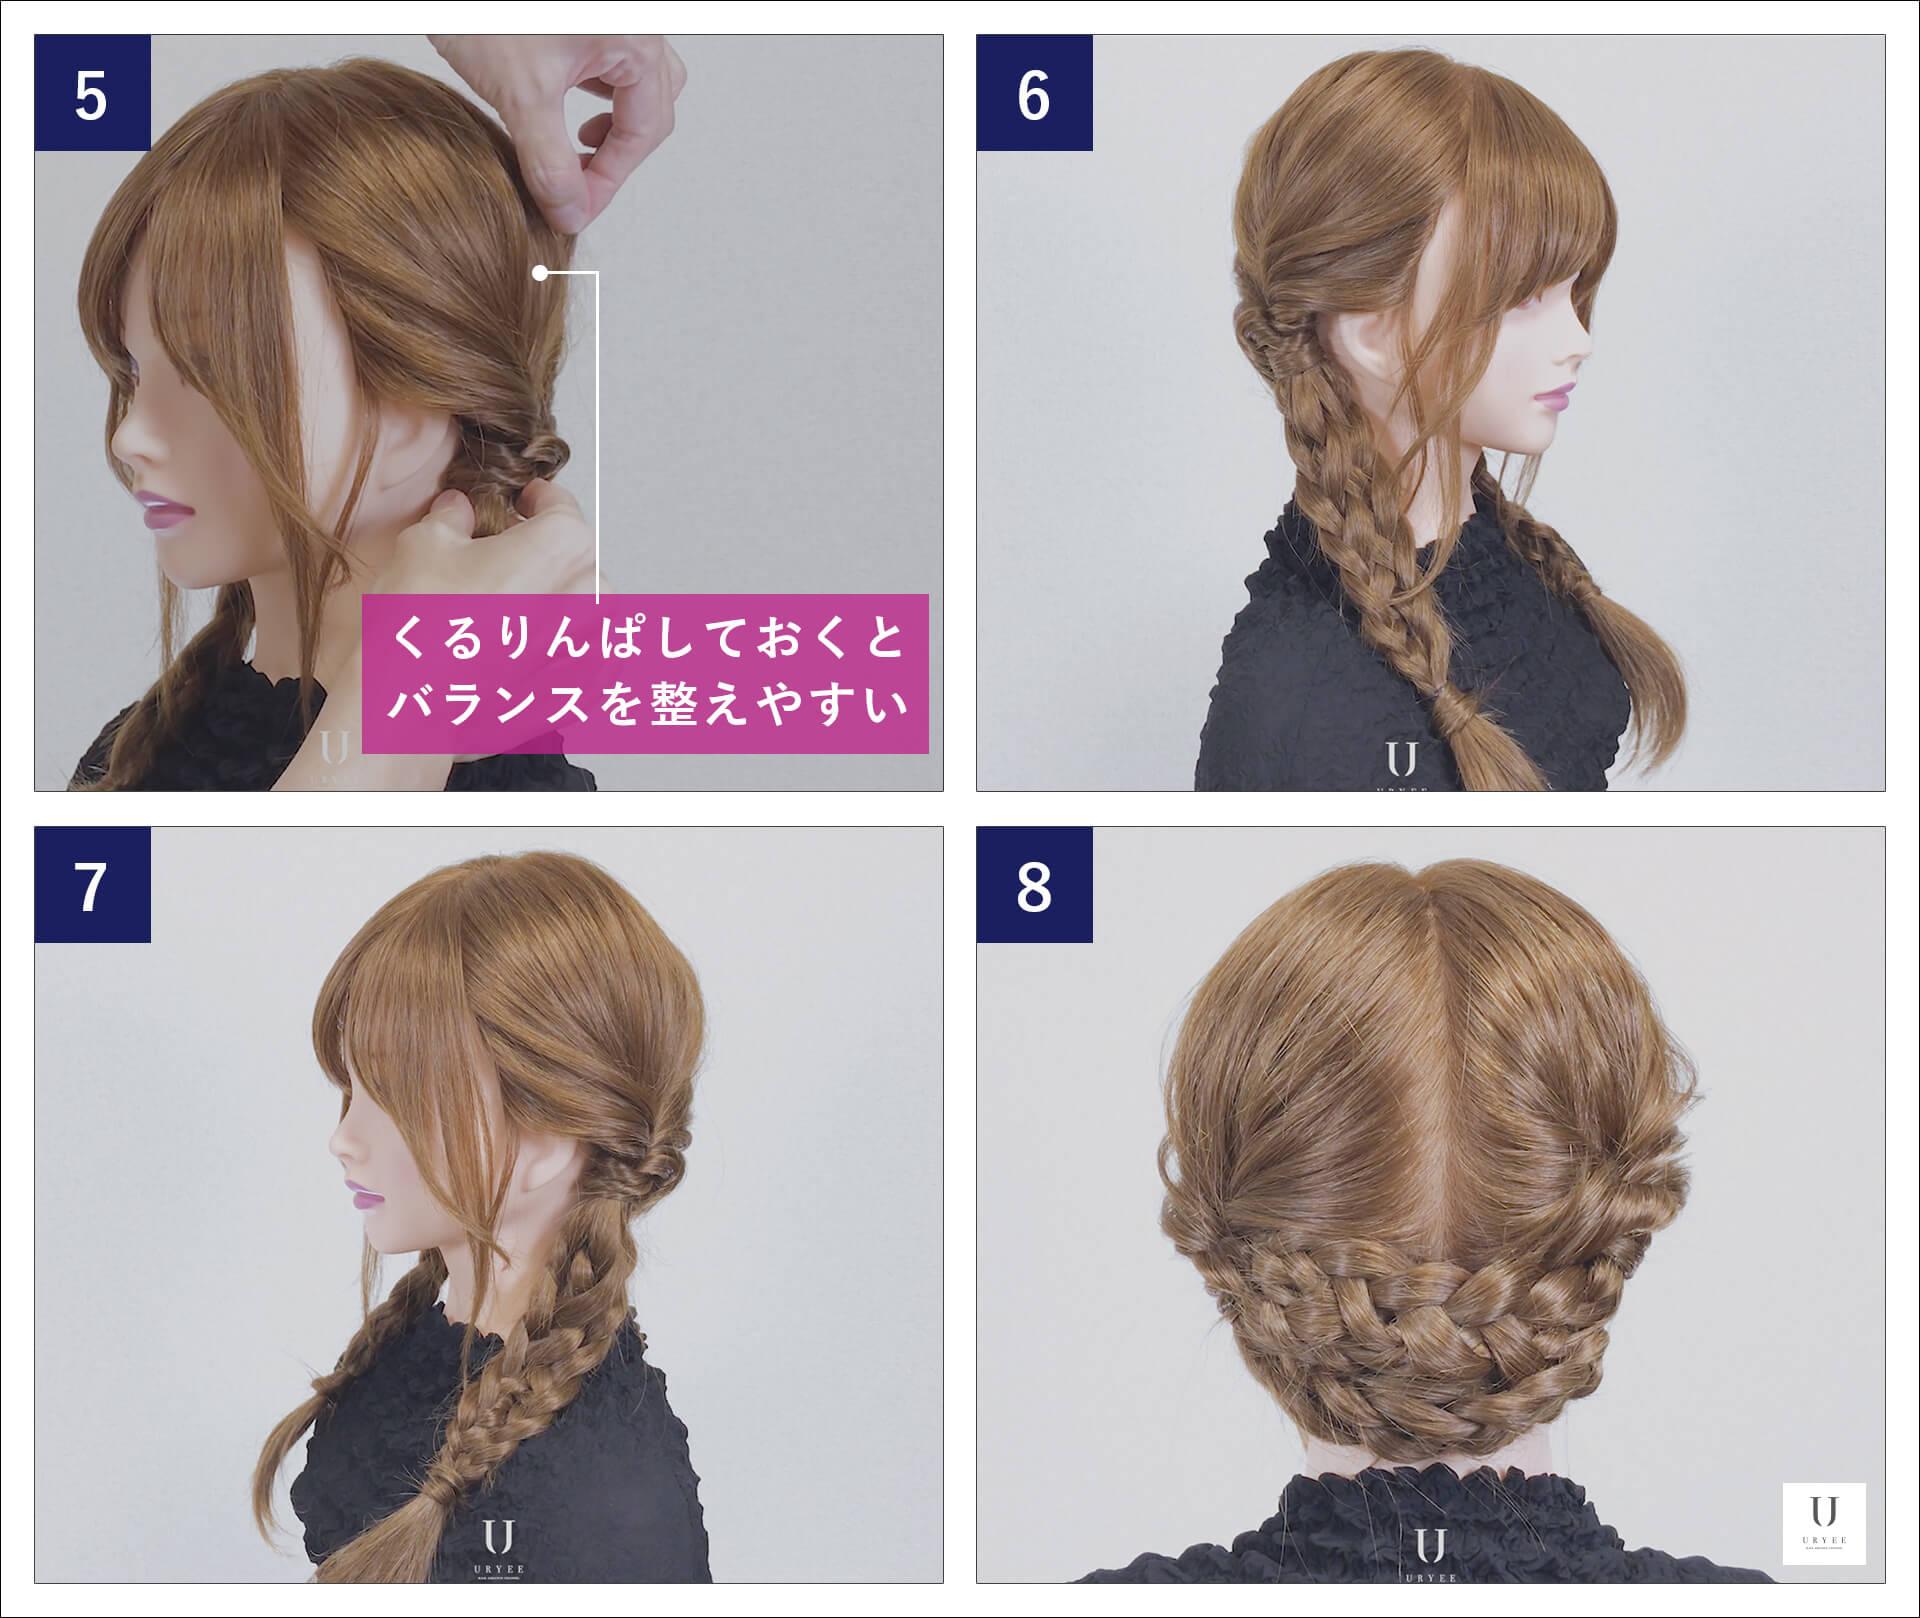 つば広ハットに似合う髪型、くるりんぱヘアアレンジのやり方